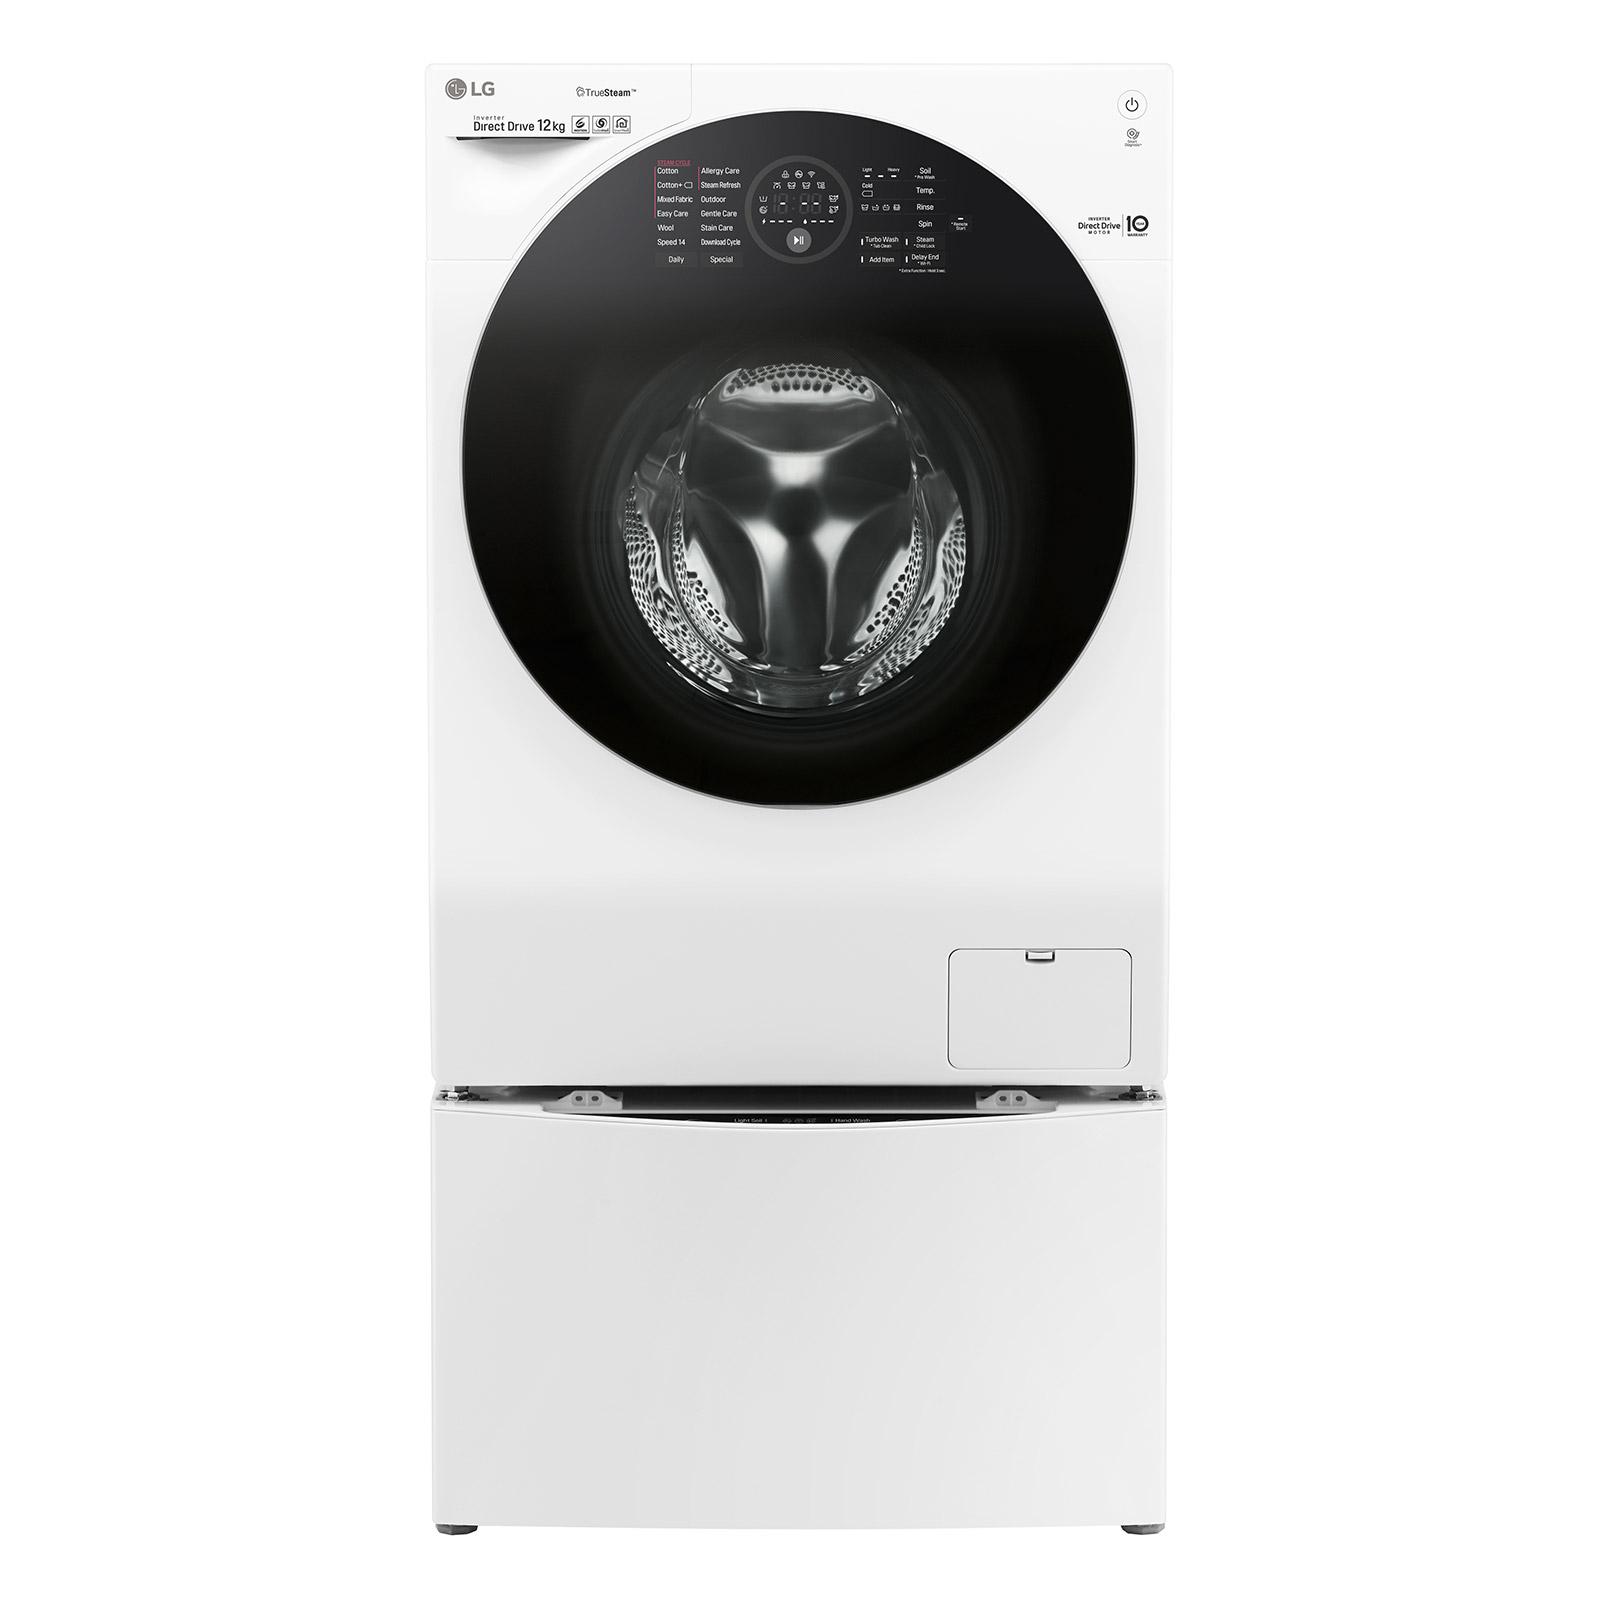 Ideal für der kleine Beladungen oder für sehr empfindliche Wäschestücke: Der LG Twin-Wash.